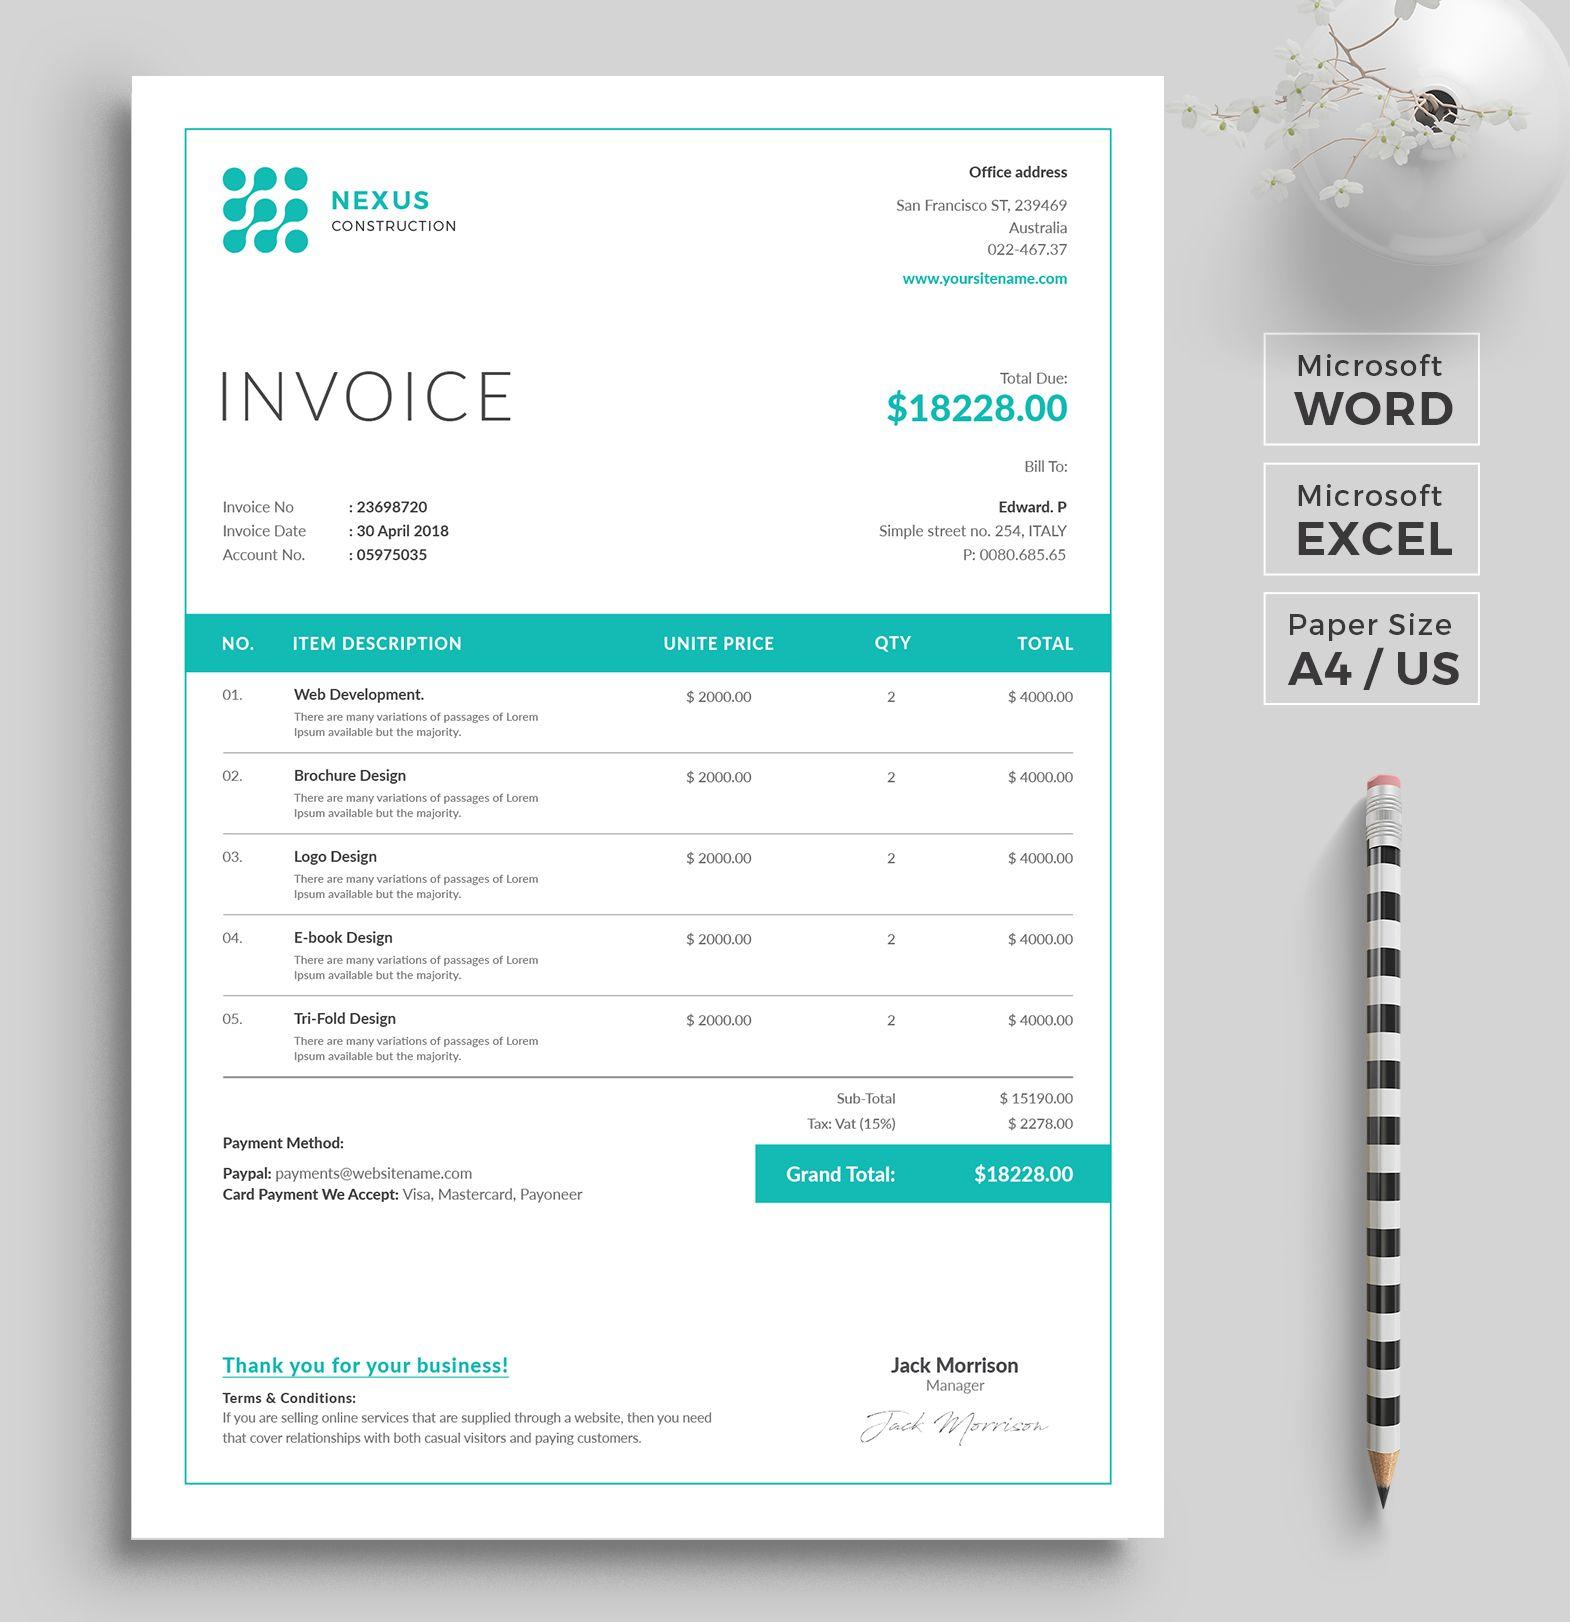 Invoice Template Invoice Design Ms Excel Auto Calculation Etsy Invoice Design Invoice Template Photography Invoice